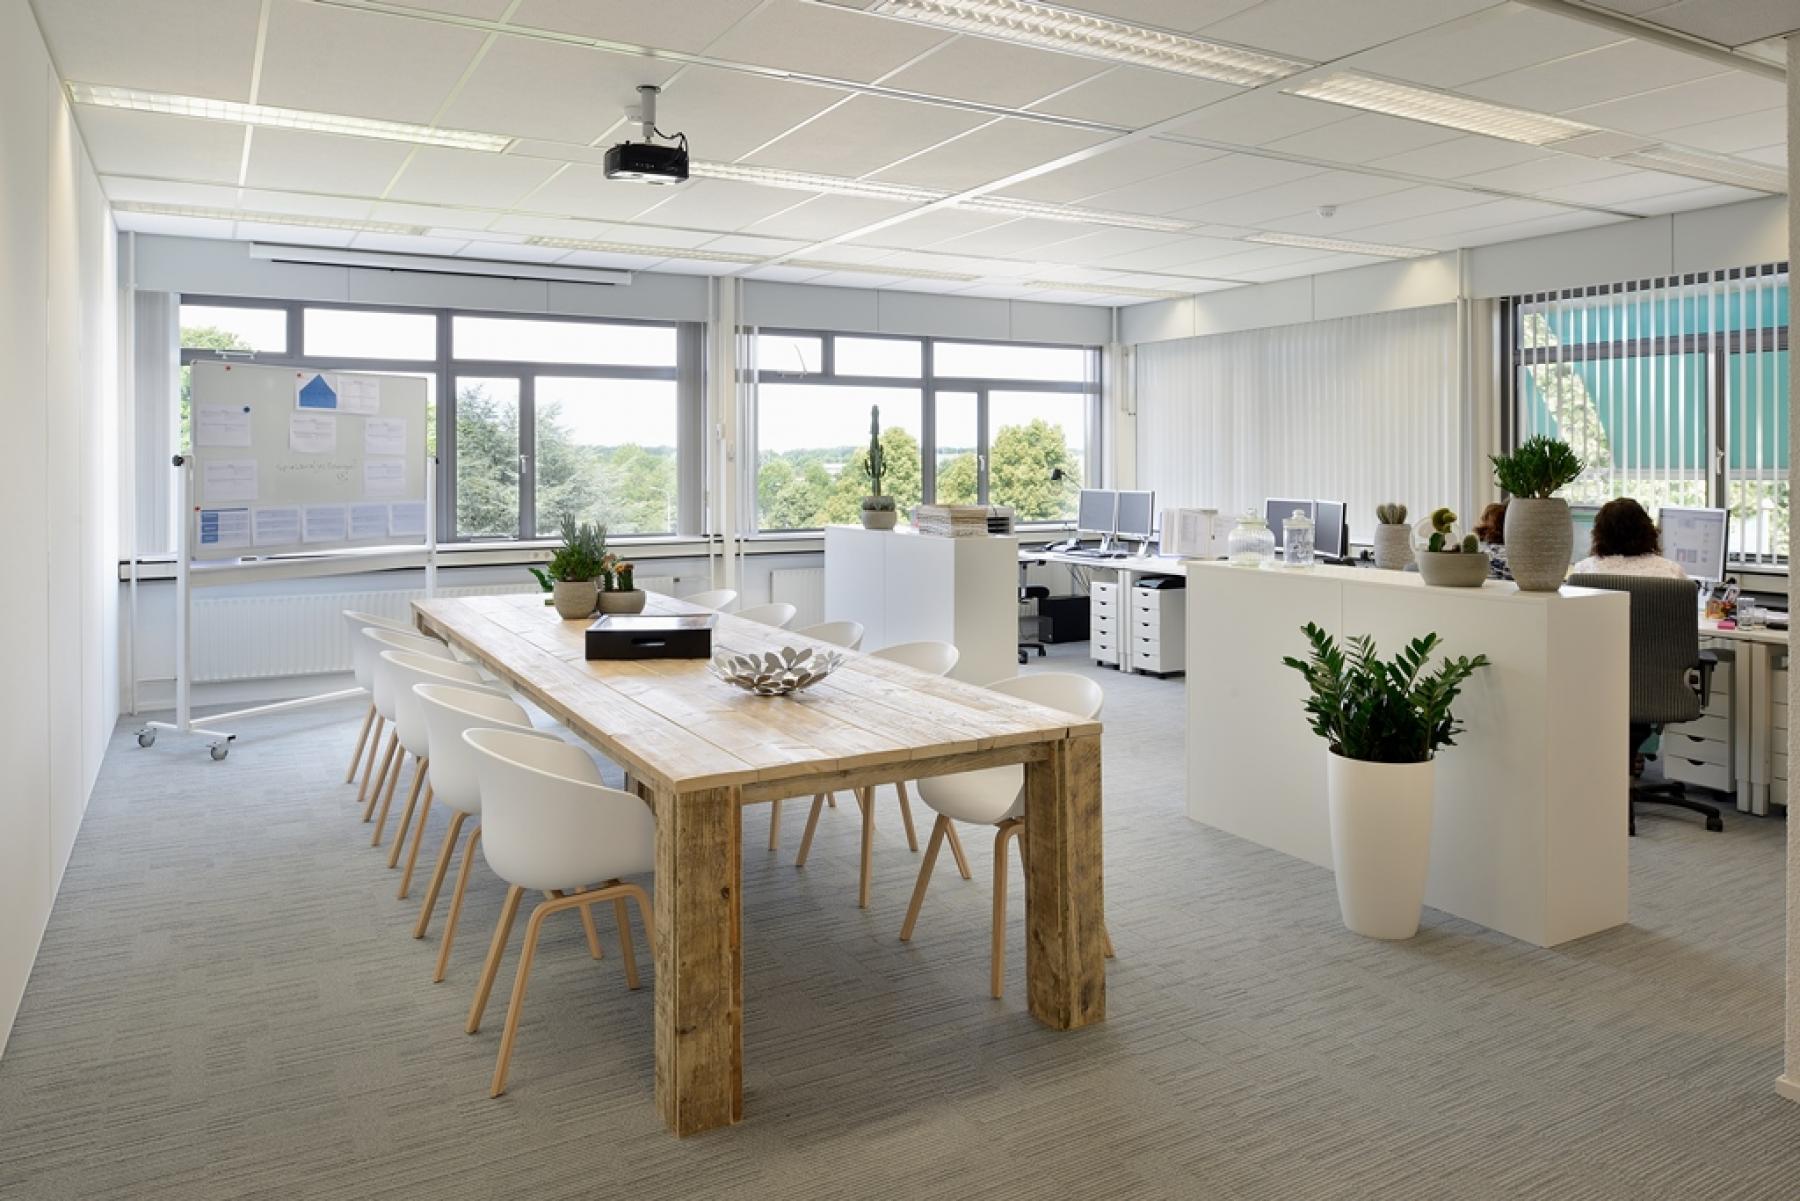 kantoor apeldoorn ingericht meubilair tafel stoelen bureau's raam uitzicht SKEPP